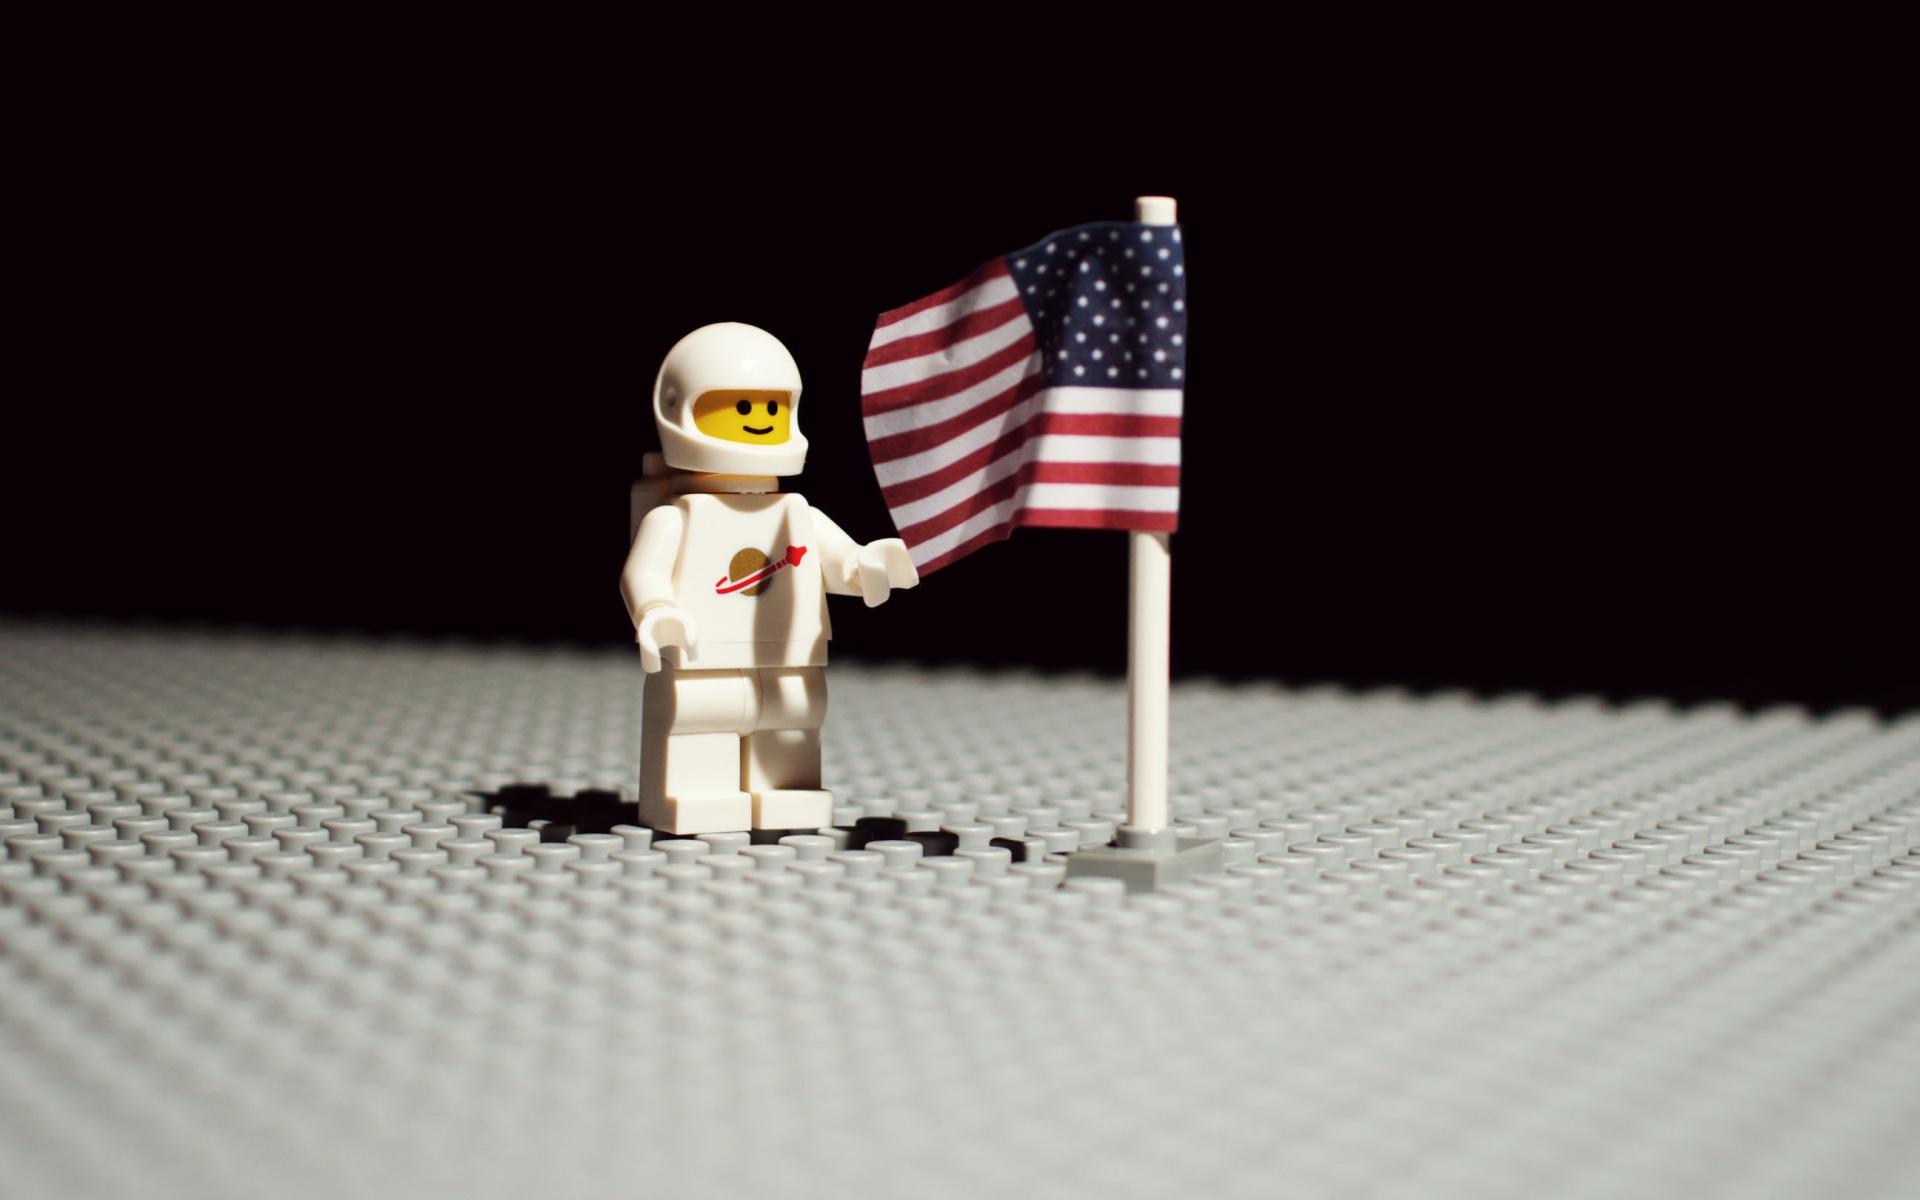 Lego Wallpaper 6530